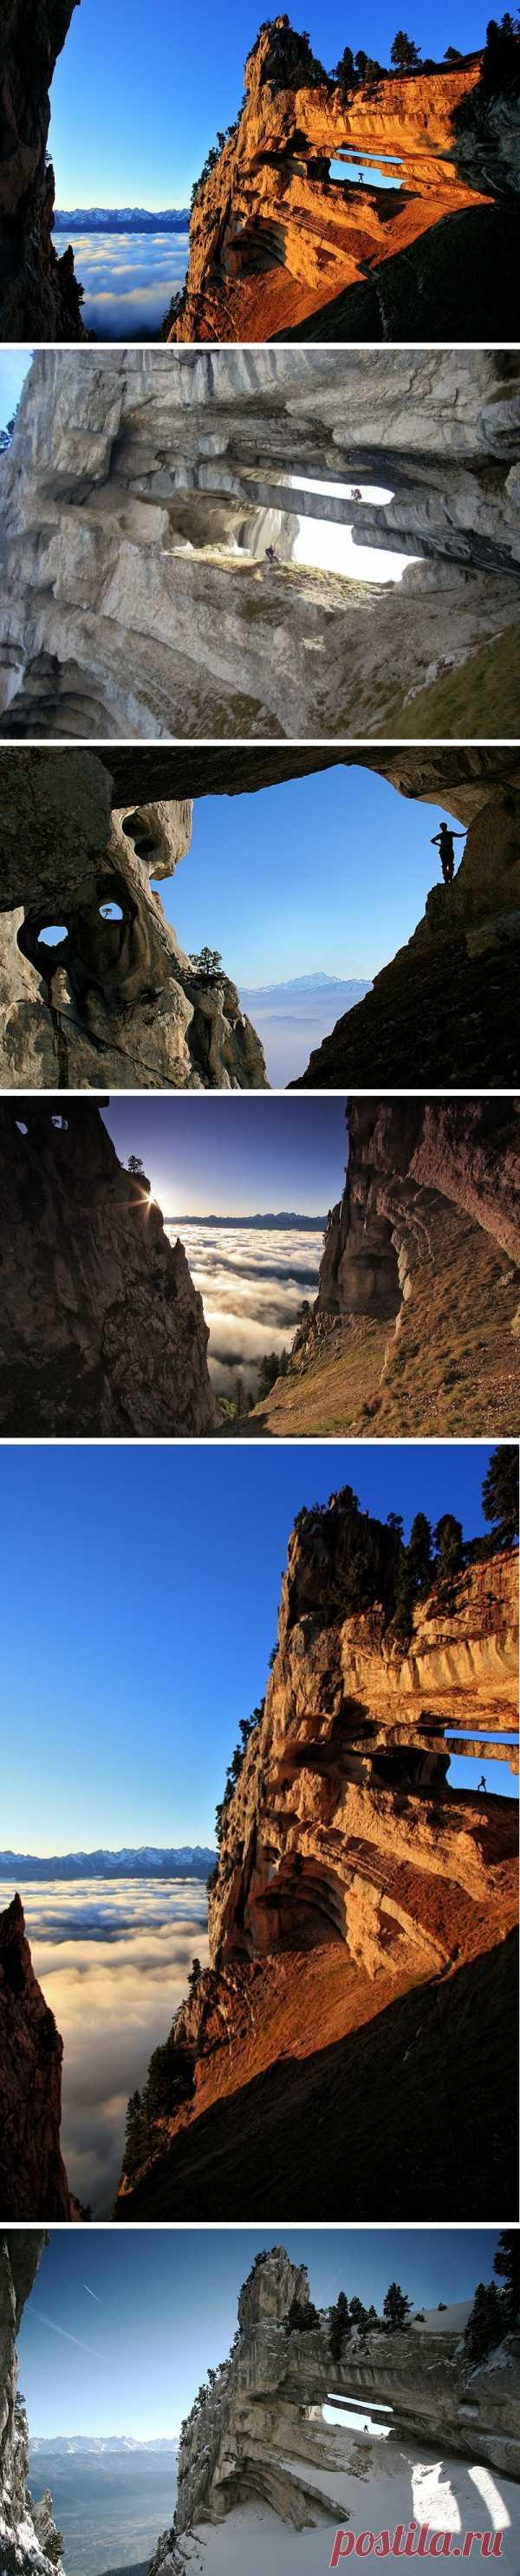 Как удивительна наша планета! Арка в скале, созданная природой! Шартрез, Франция